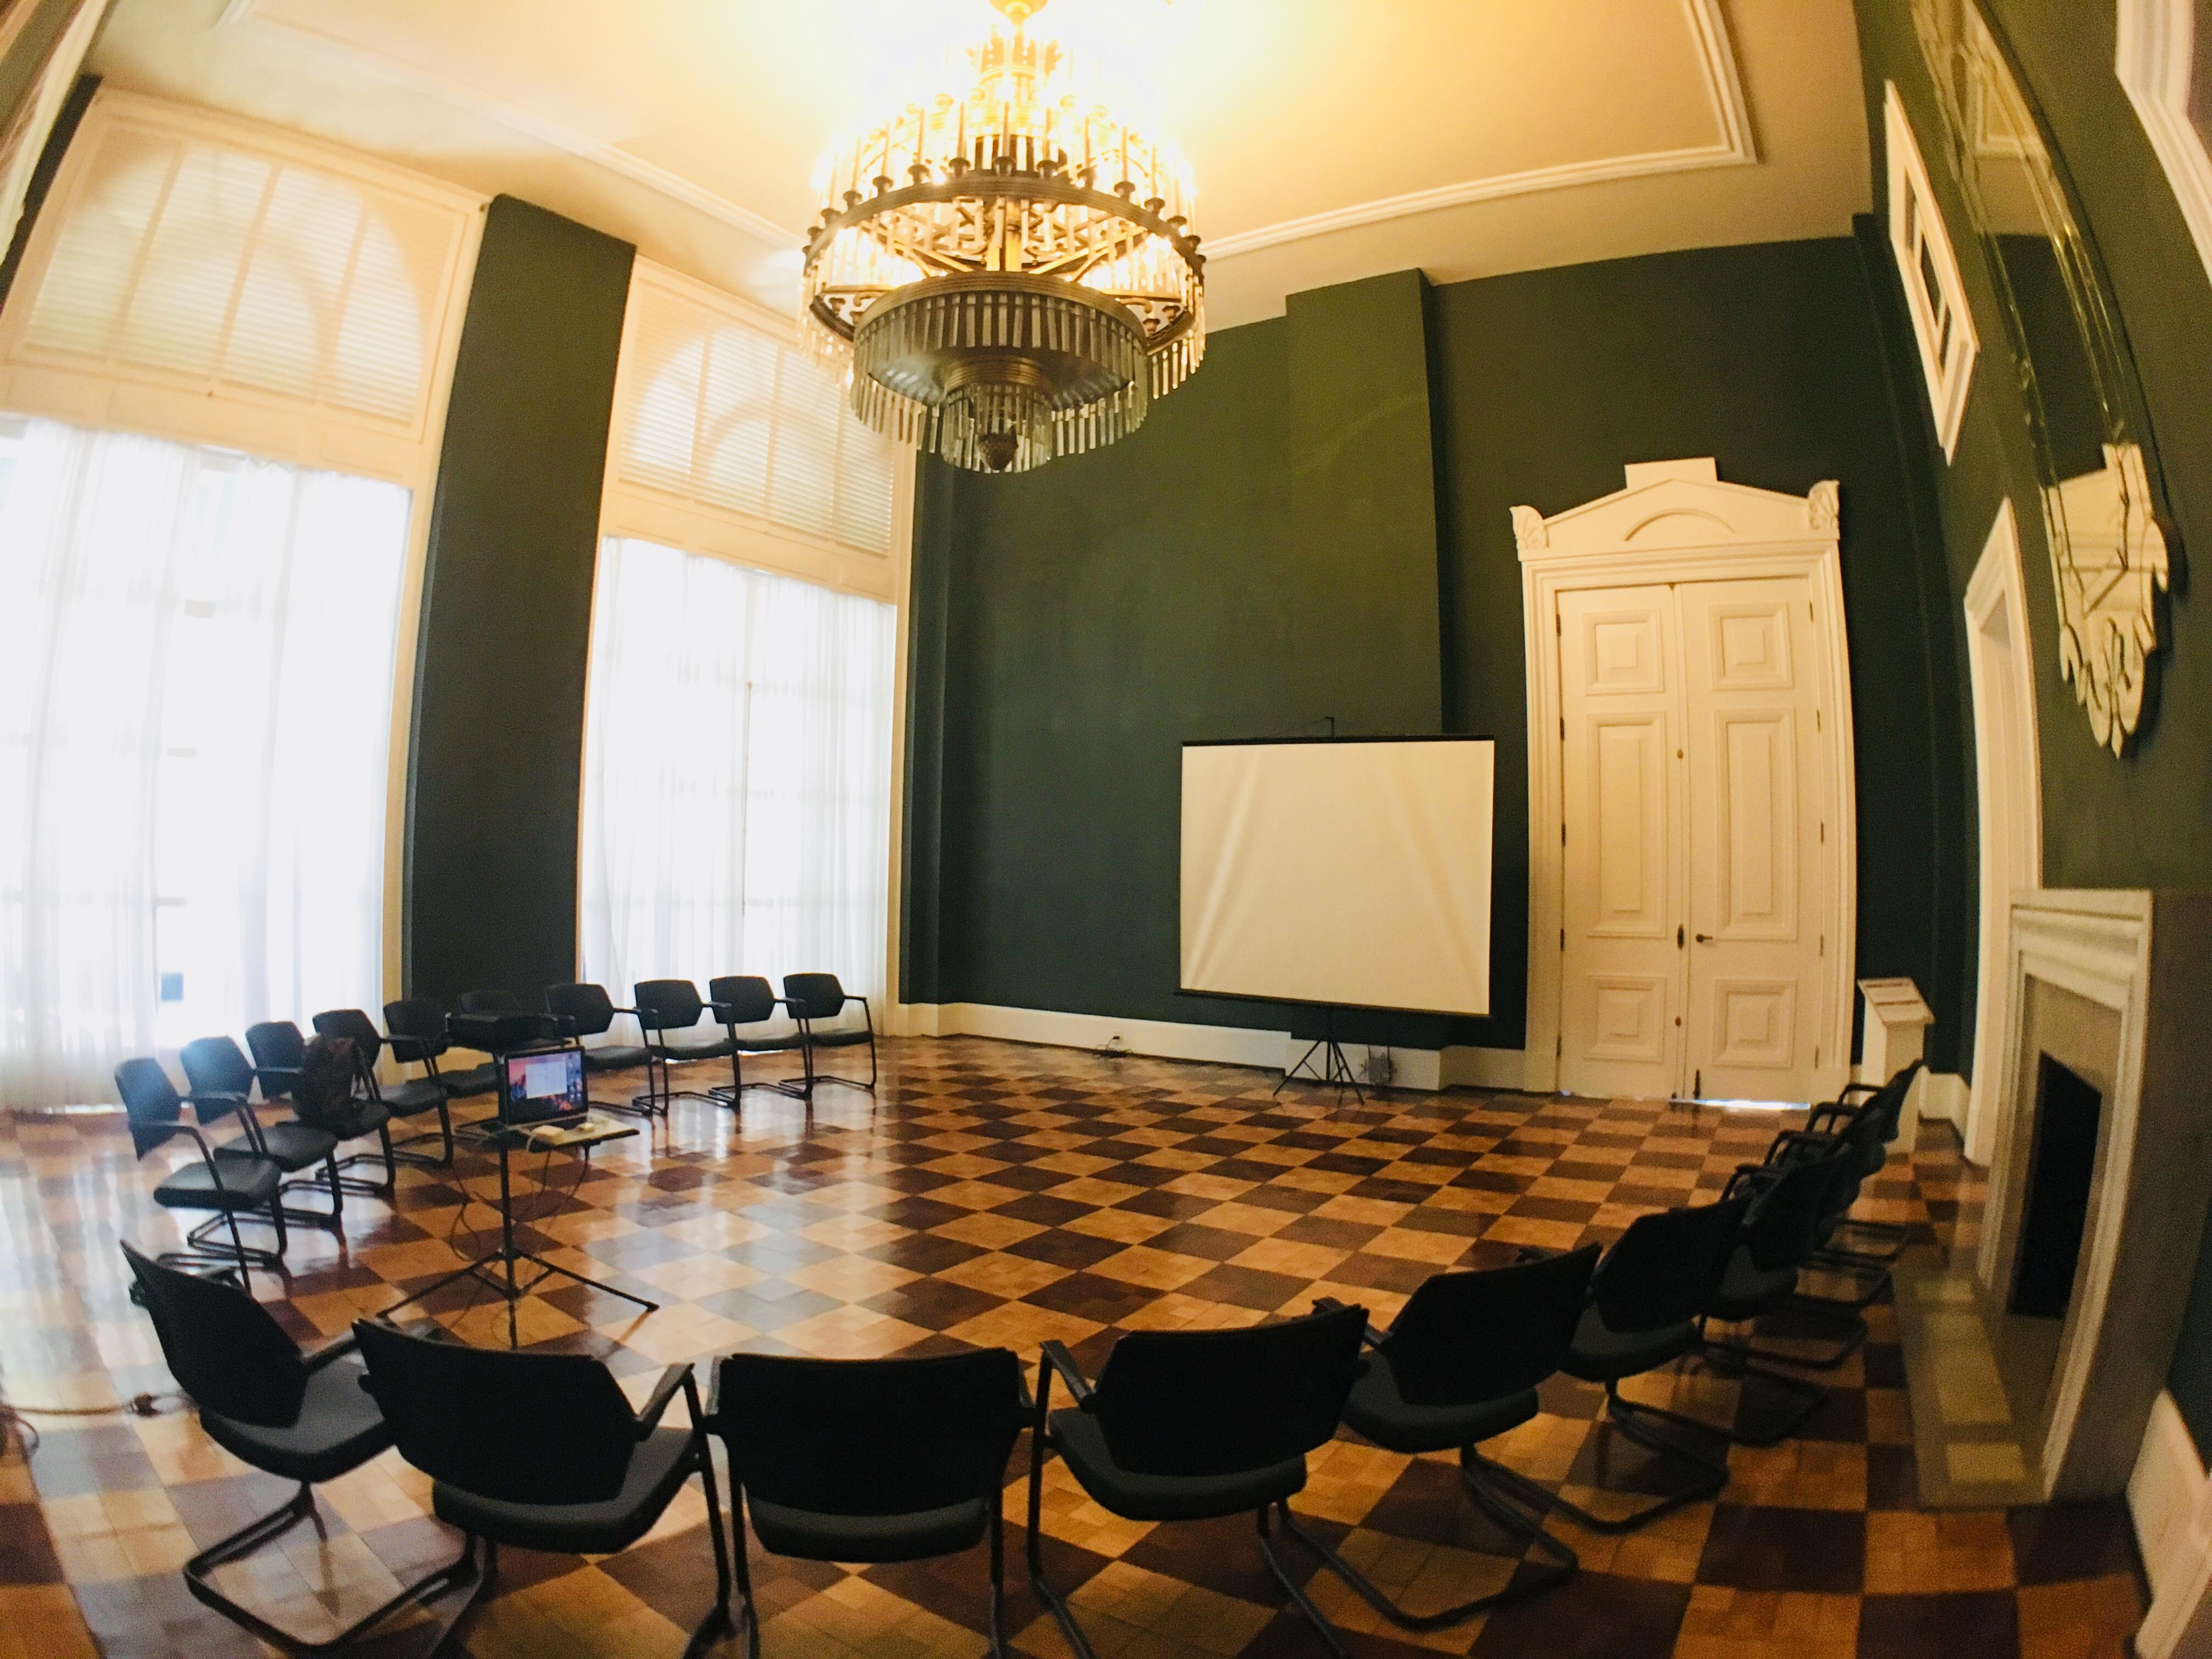 Oficina no SESC Quitandinha